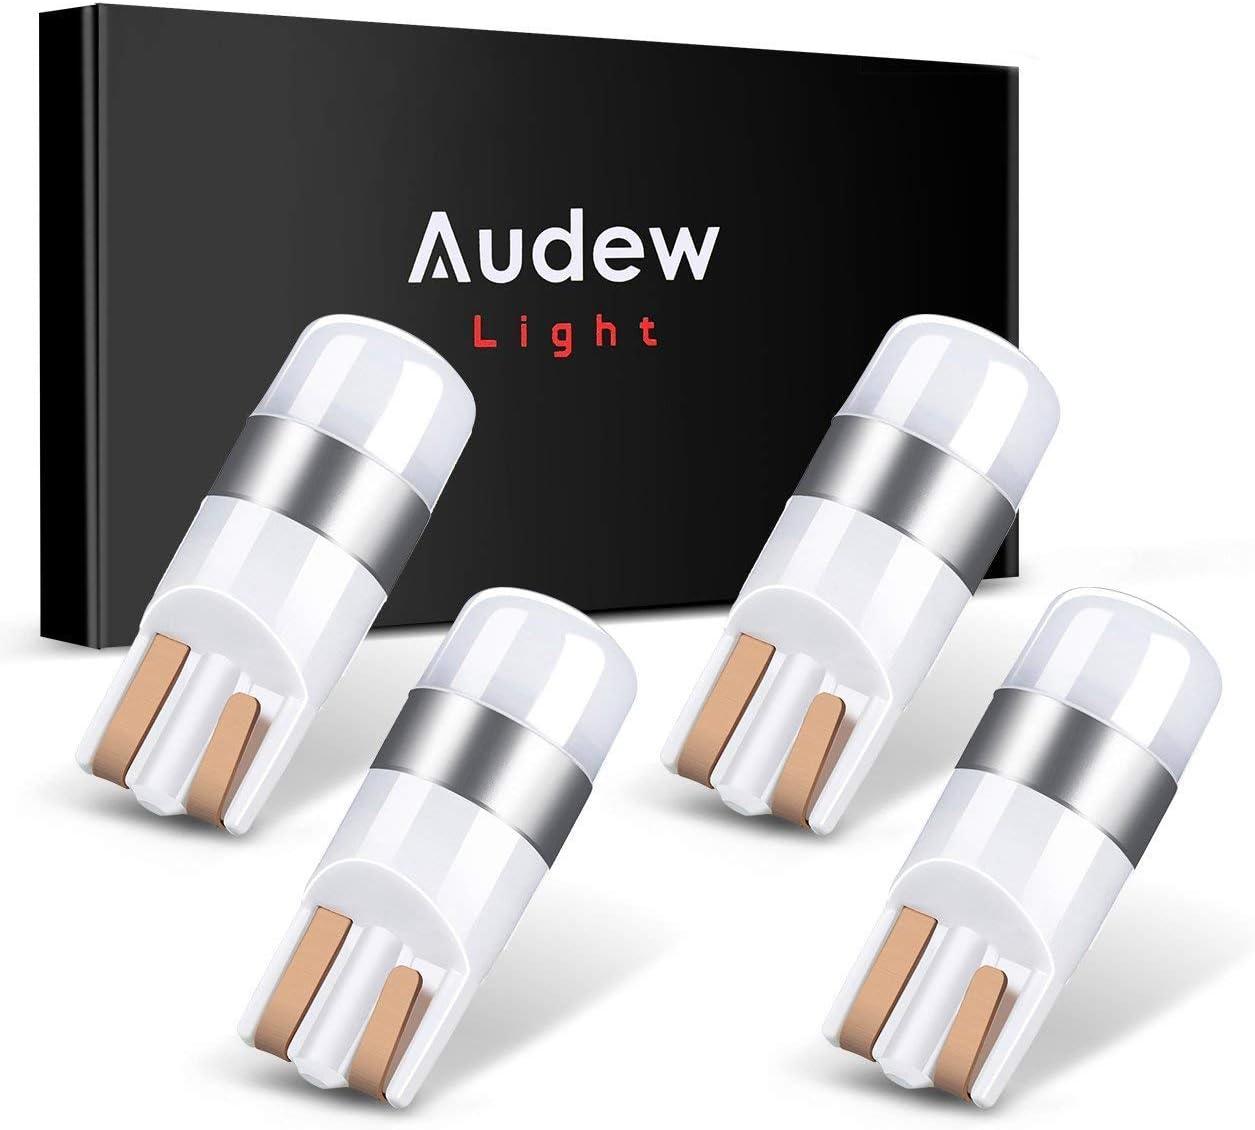 Audew 4 x W5W T10 Canbus LED Bombillas Coche SMD3030 6000K IP65 para Luces de Interior y Exterior Xenón Blanco